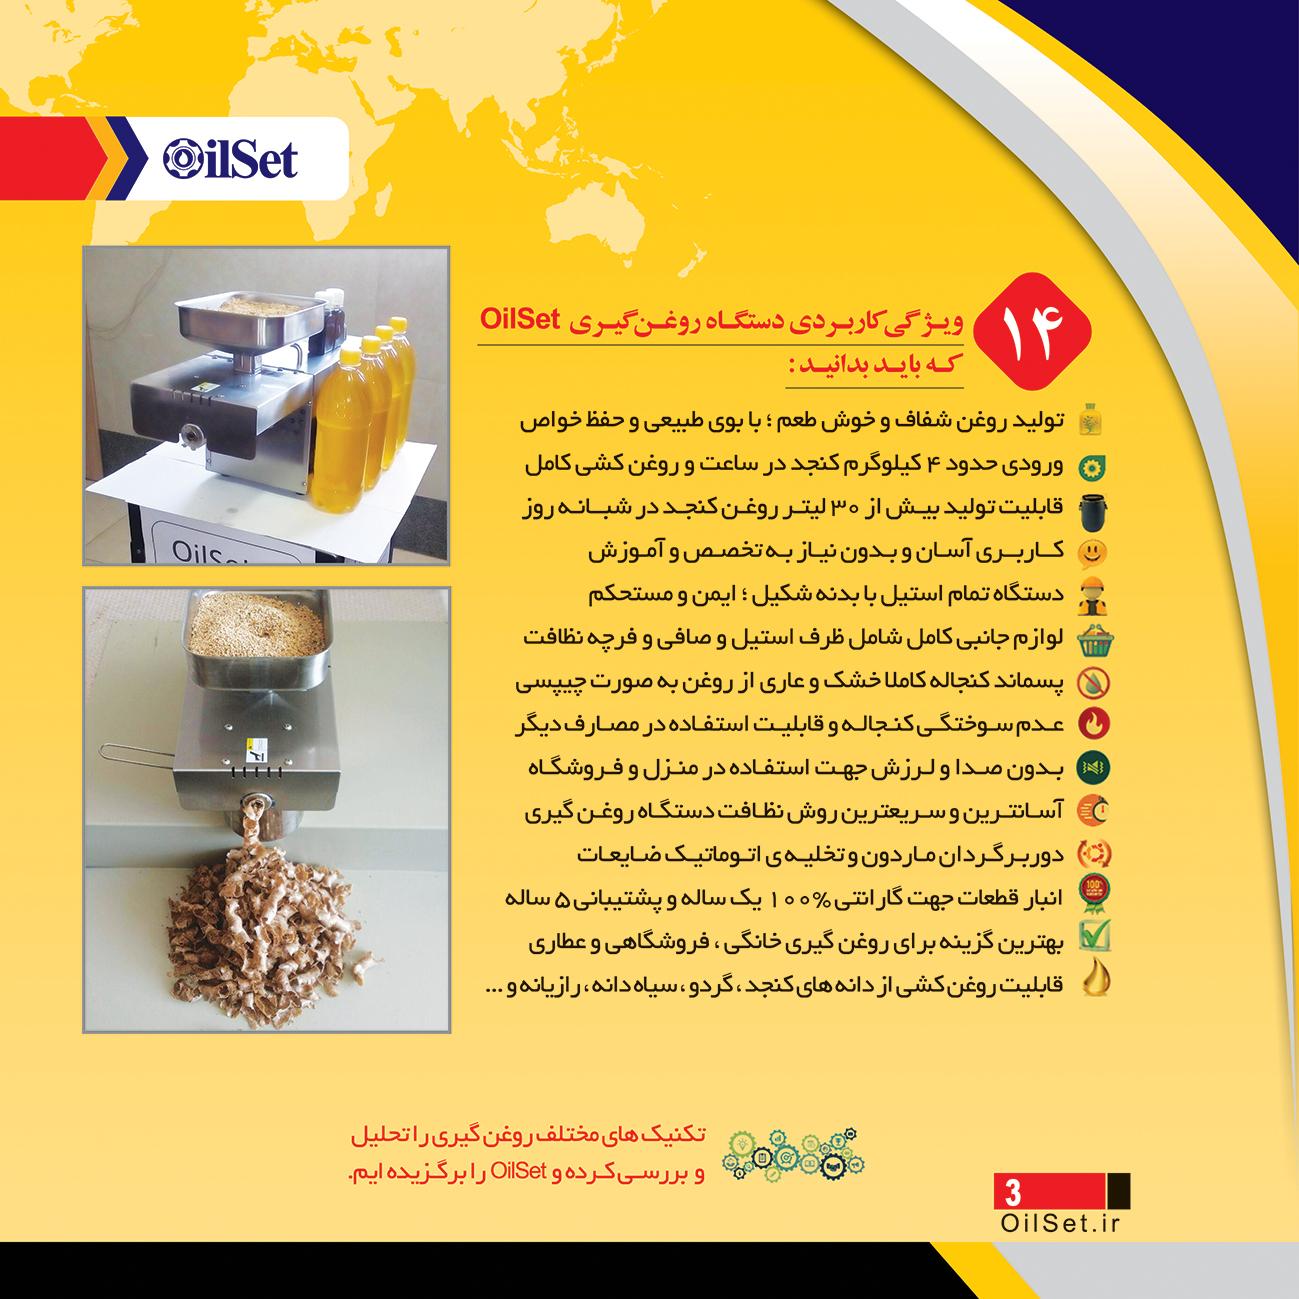 اطلاعات کاربردی دستگاه روغن گیری خانگی